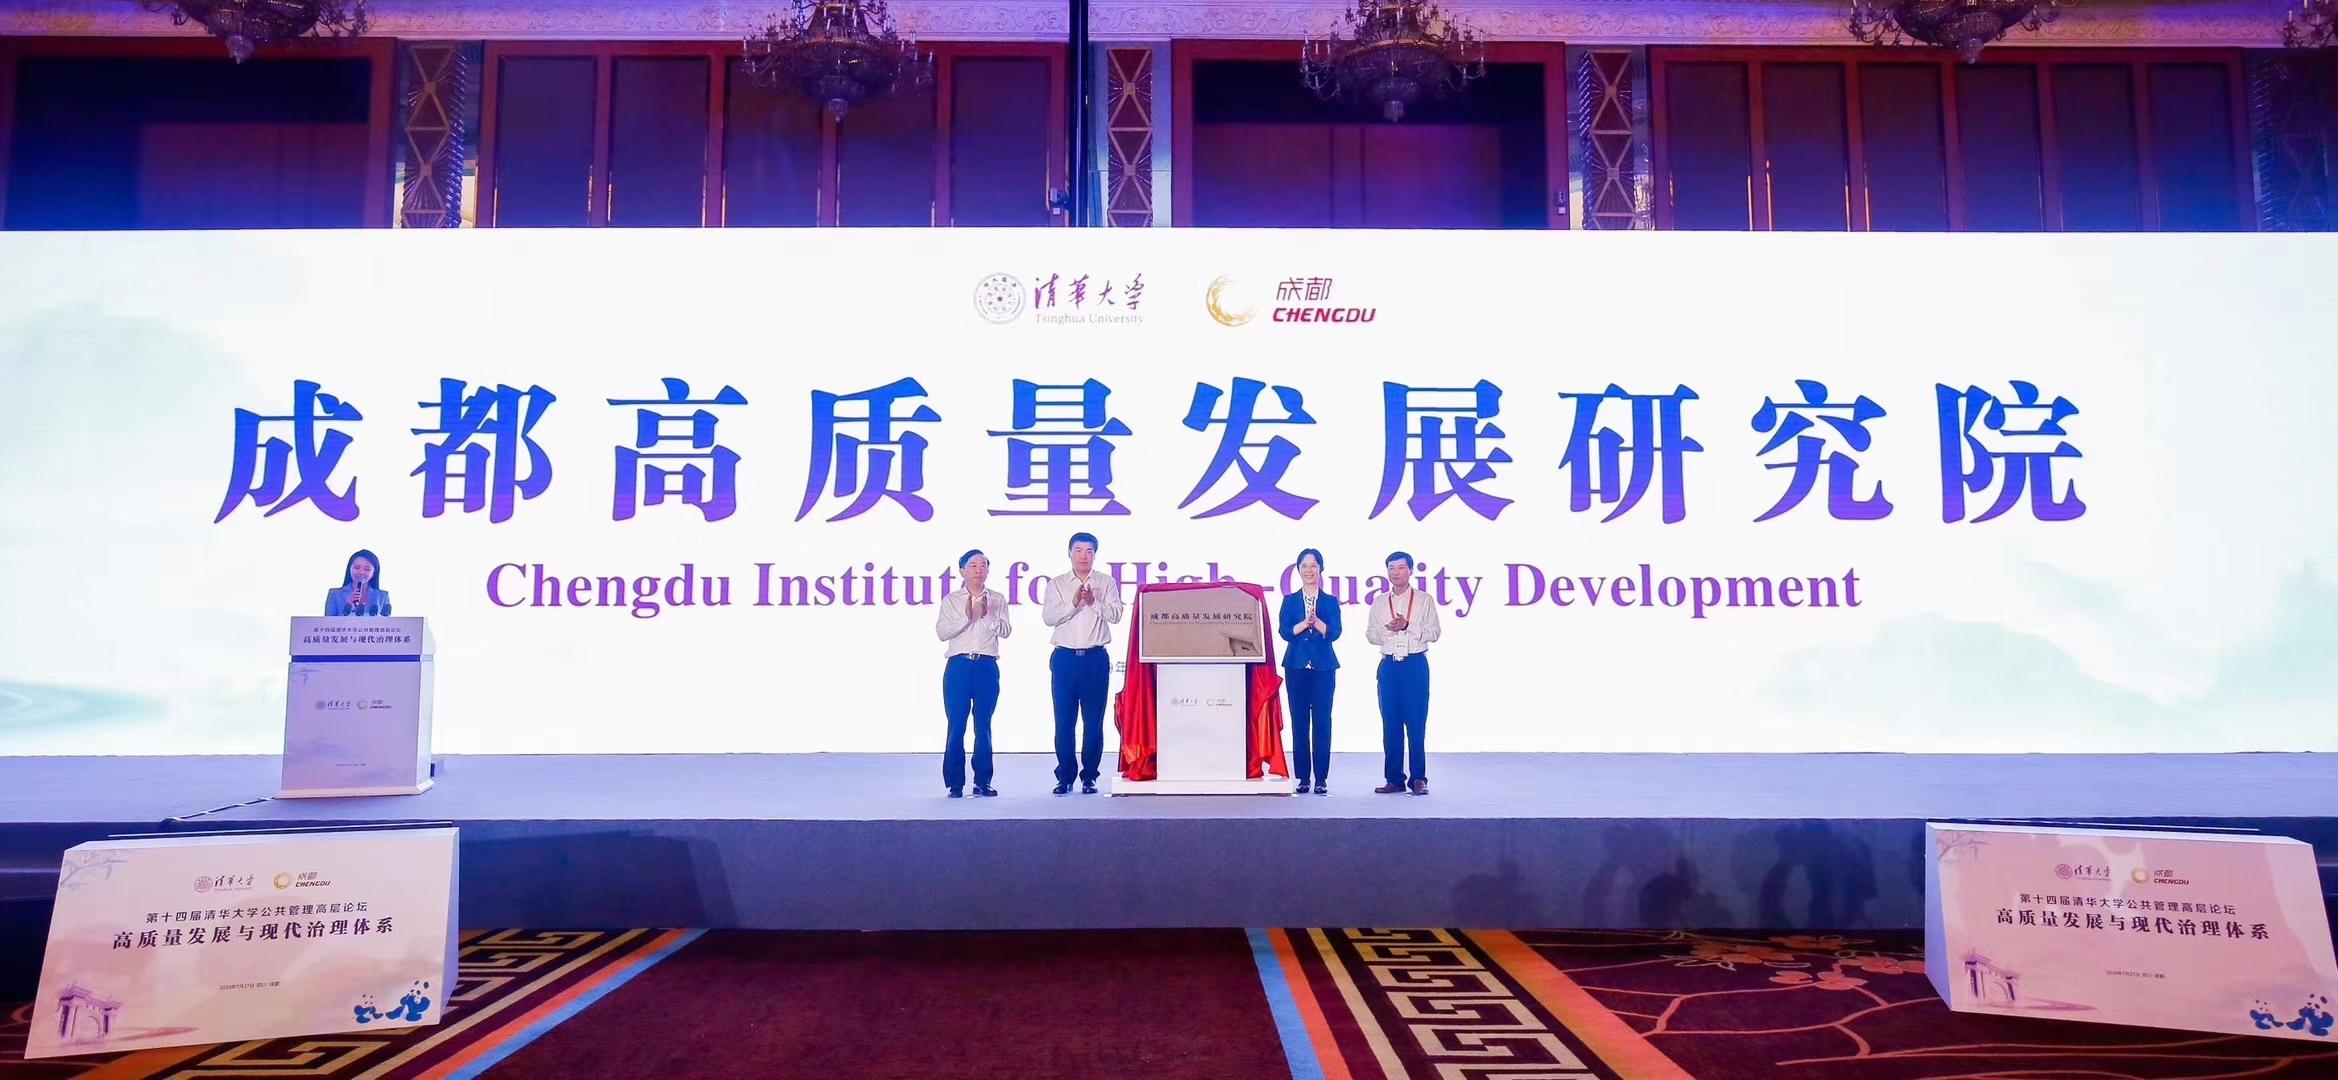 成都高质量发展研究院揭牌 打造全国高质量发展领域顶尖智库